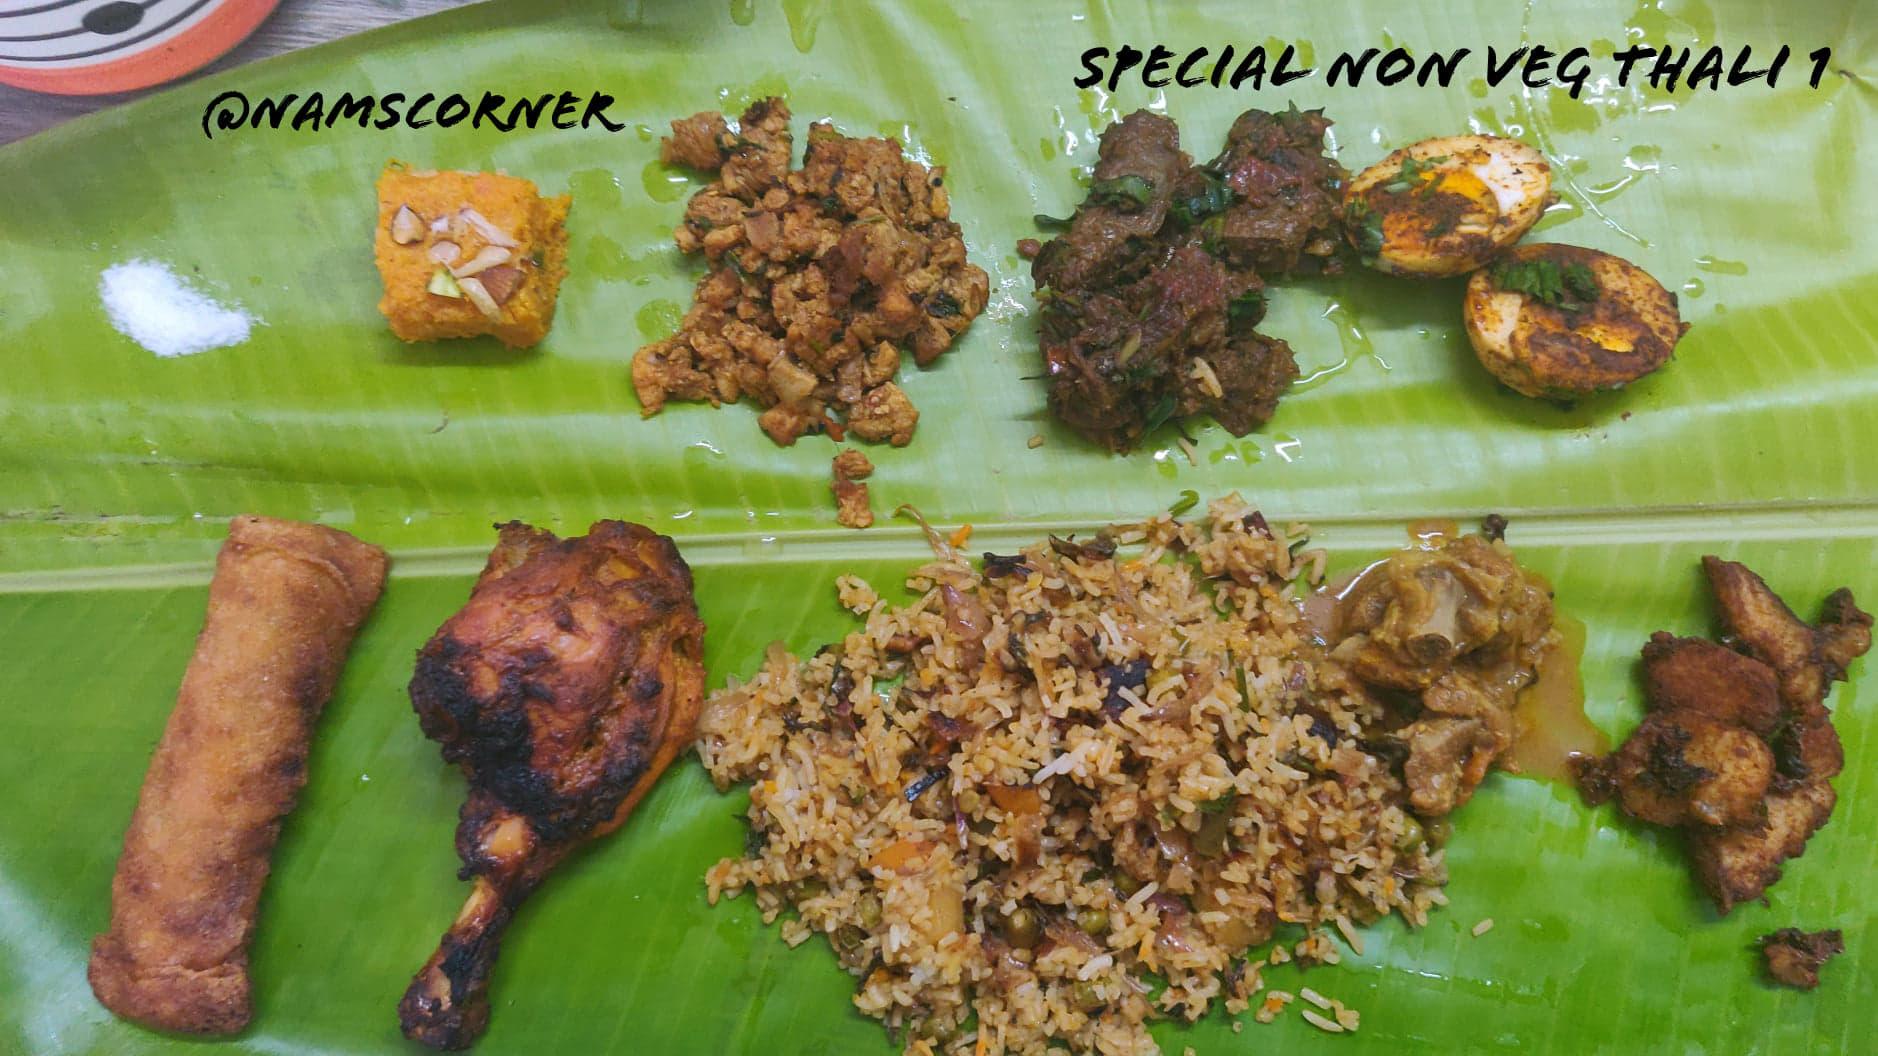 special_non_veg_thali_1 - 90232585_209927300091654_1165514086725713920_n